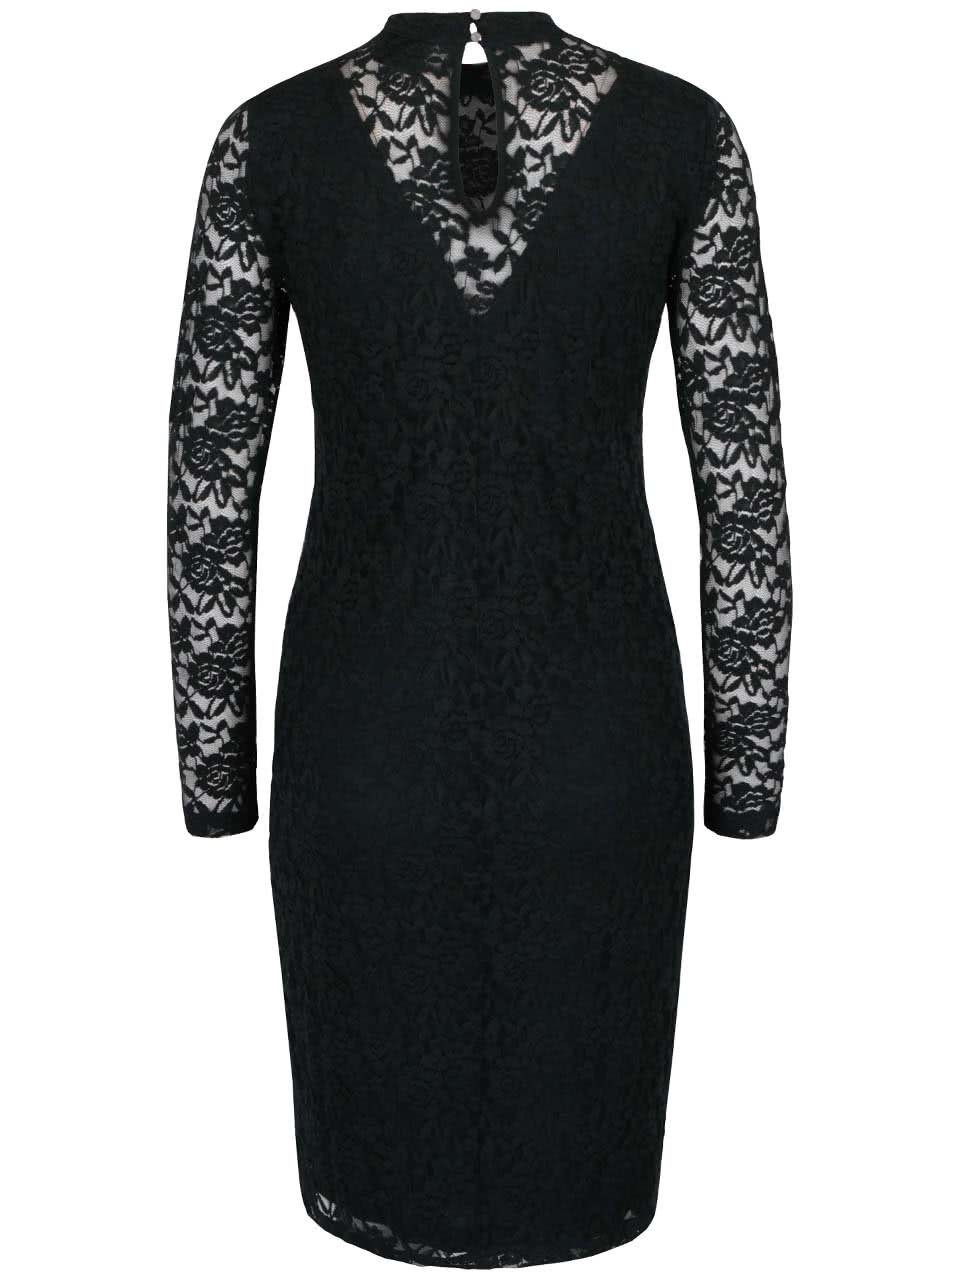 a6c52cb485 Tmavozelené čipkované šaty s dlhým rukávom Polar b.young ...